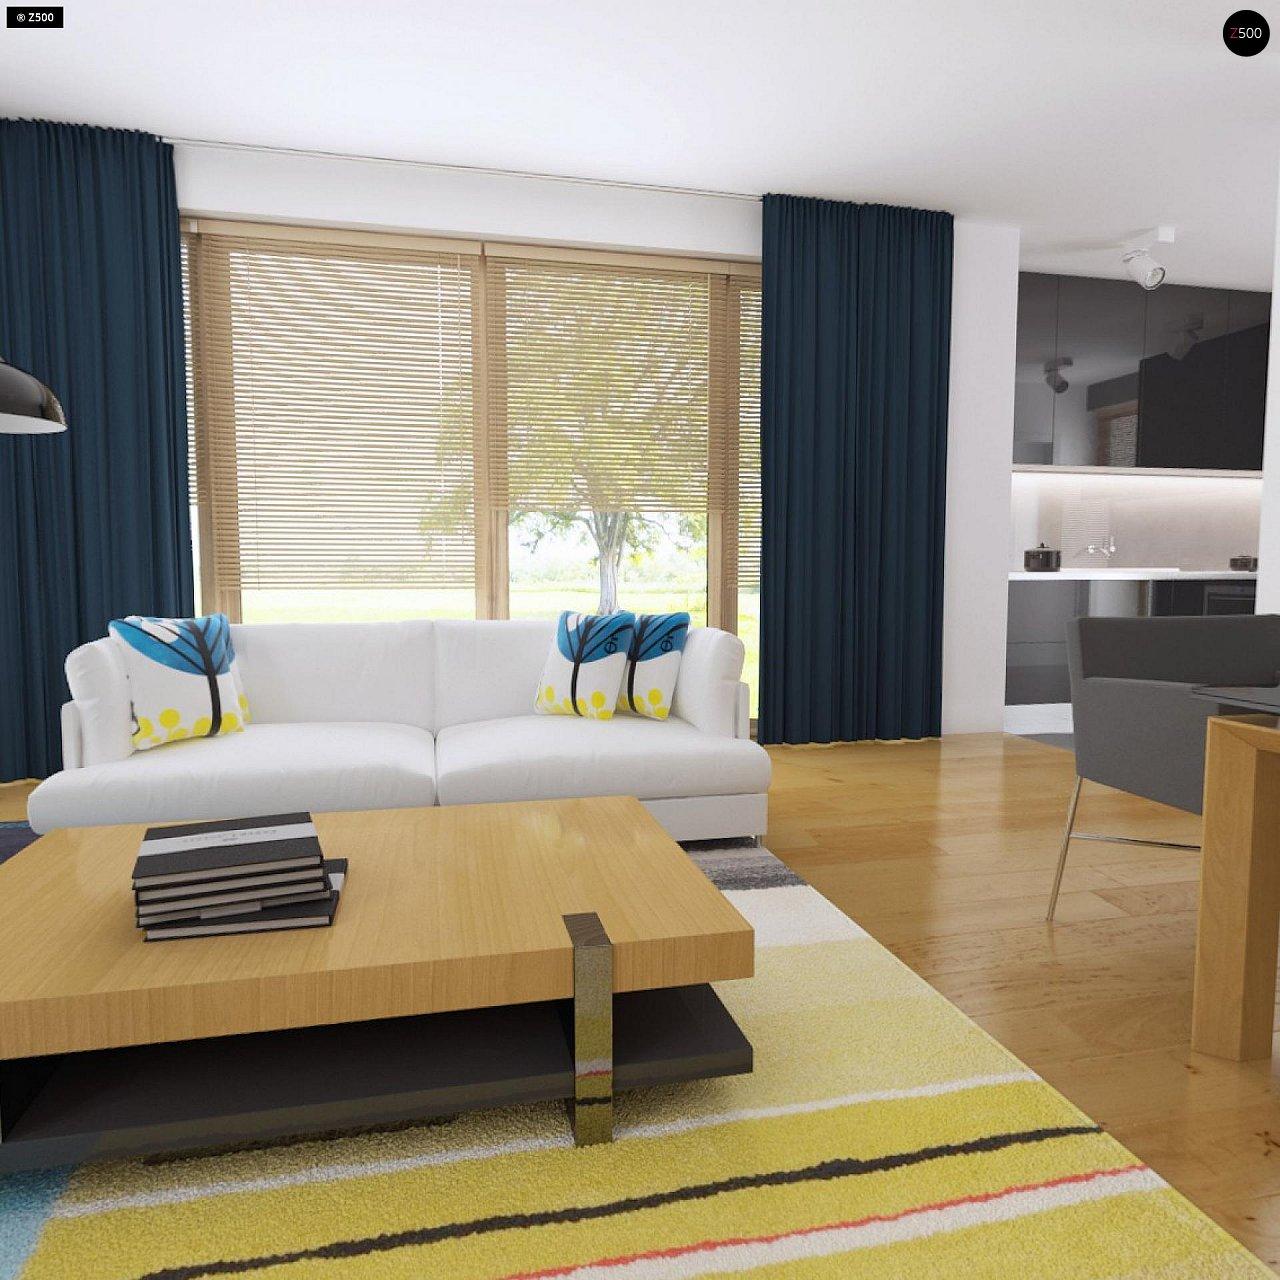 Современный функциональный дом с большой площадью остекления в гостиной. 5